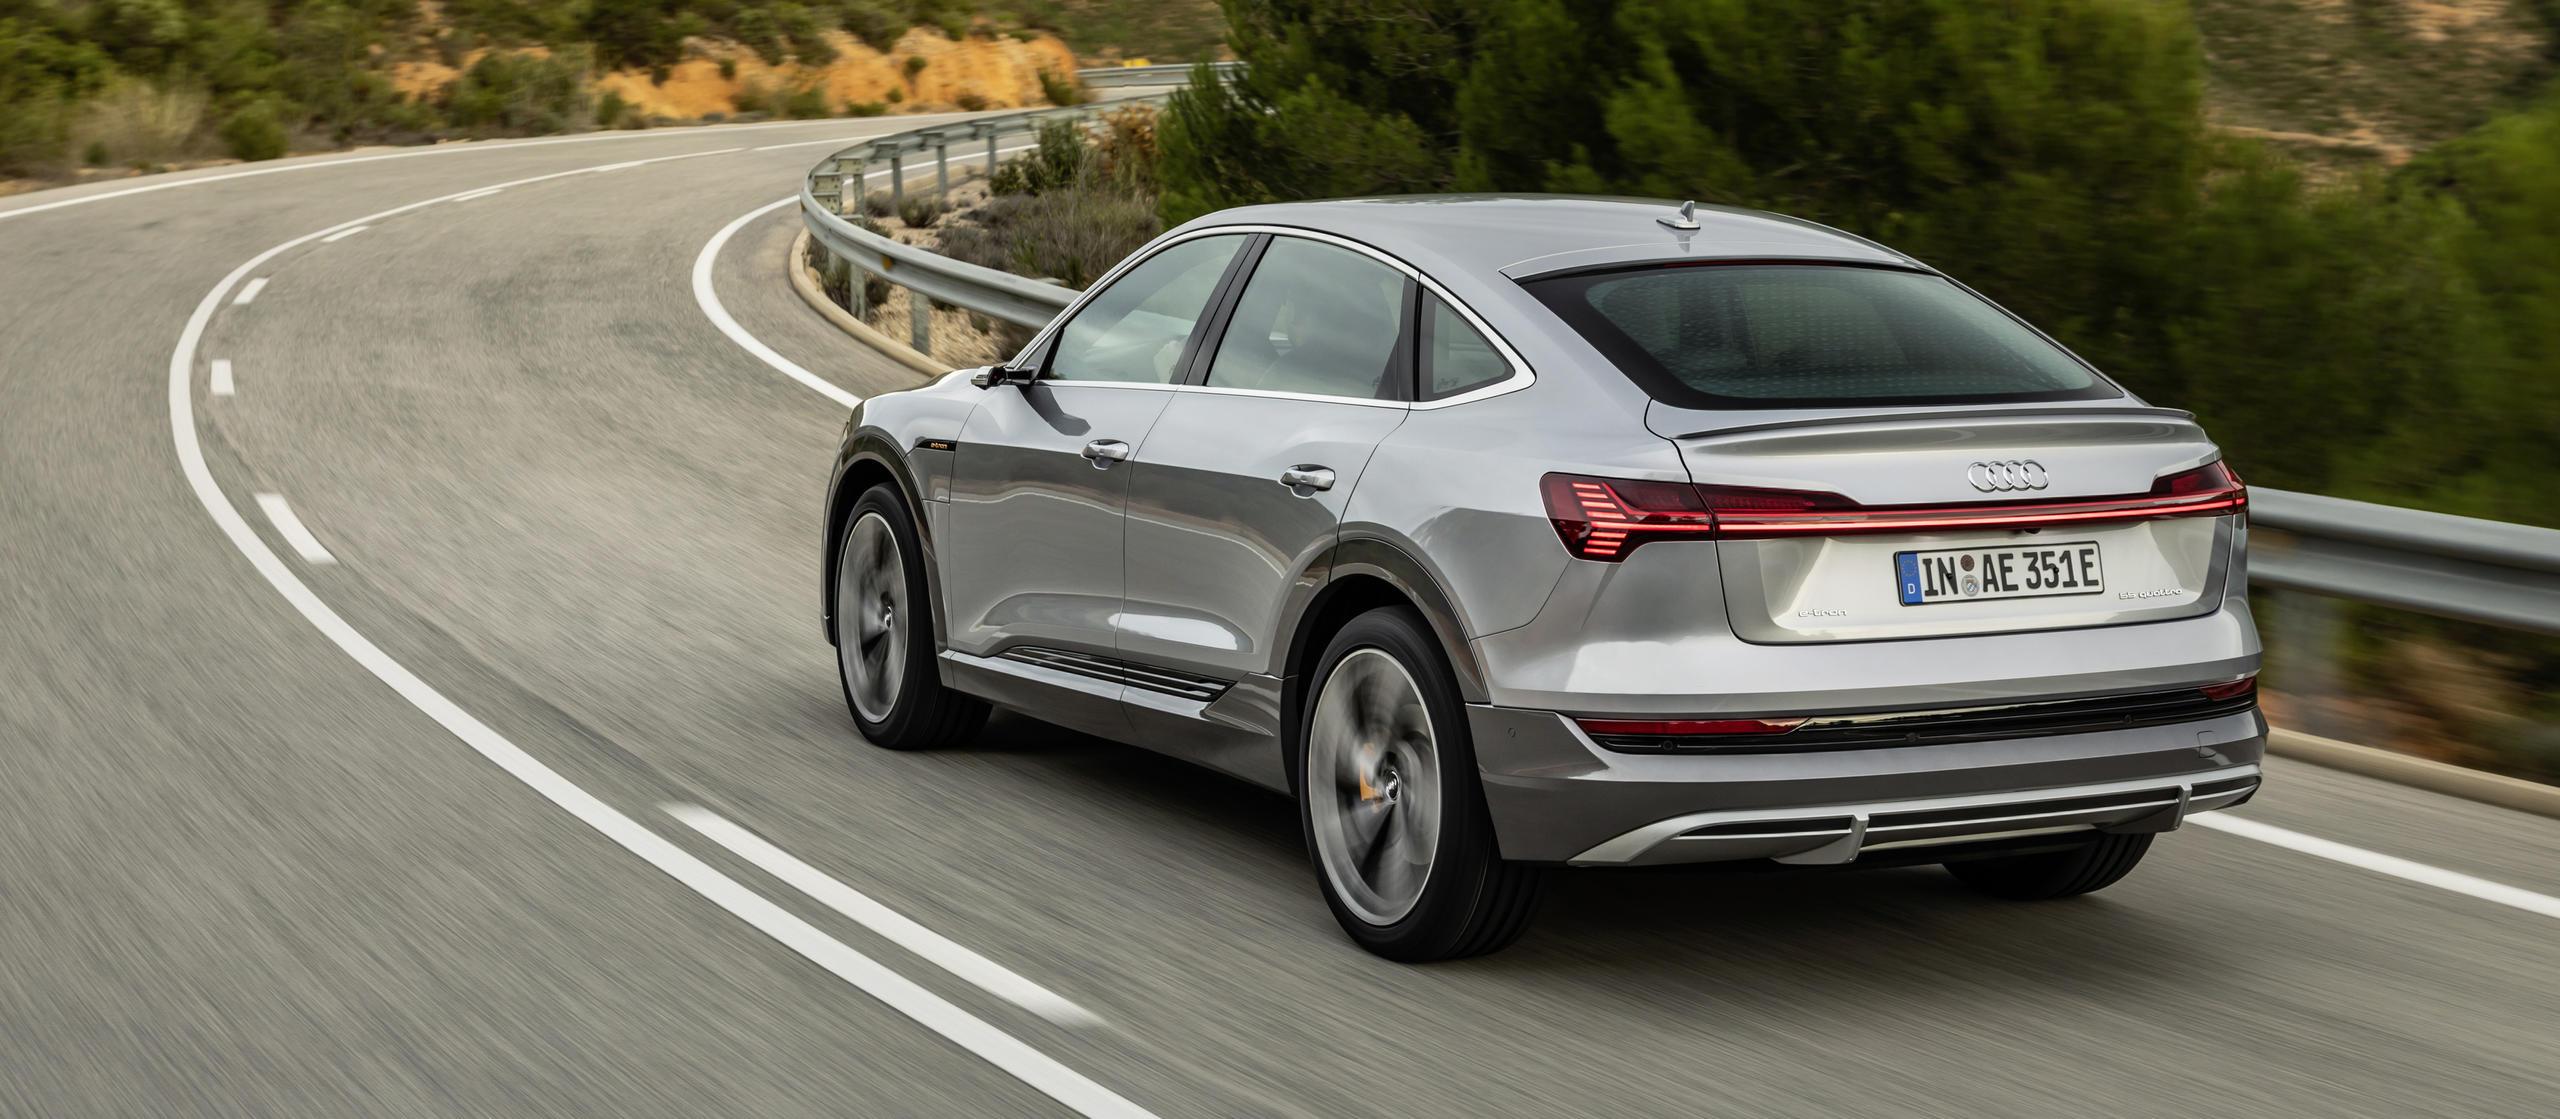 Audi e-tron 2021 22 kW laden laadvermogen 3-fase